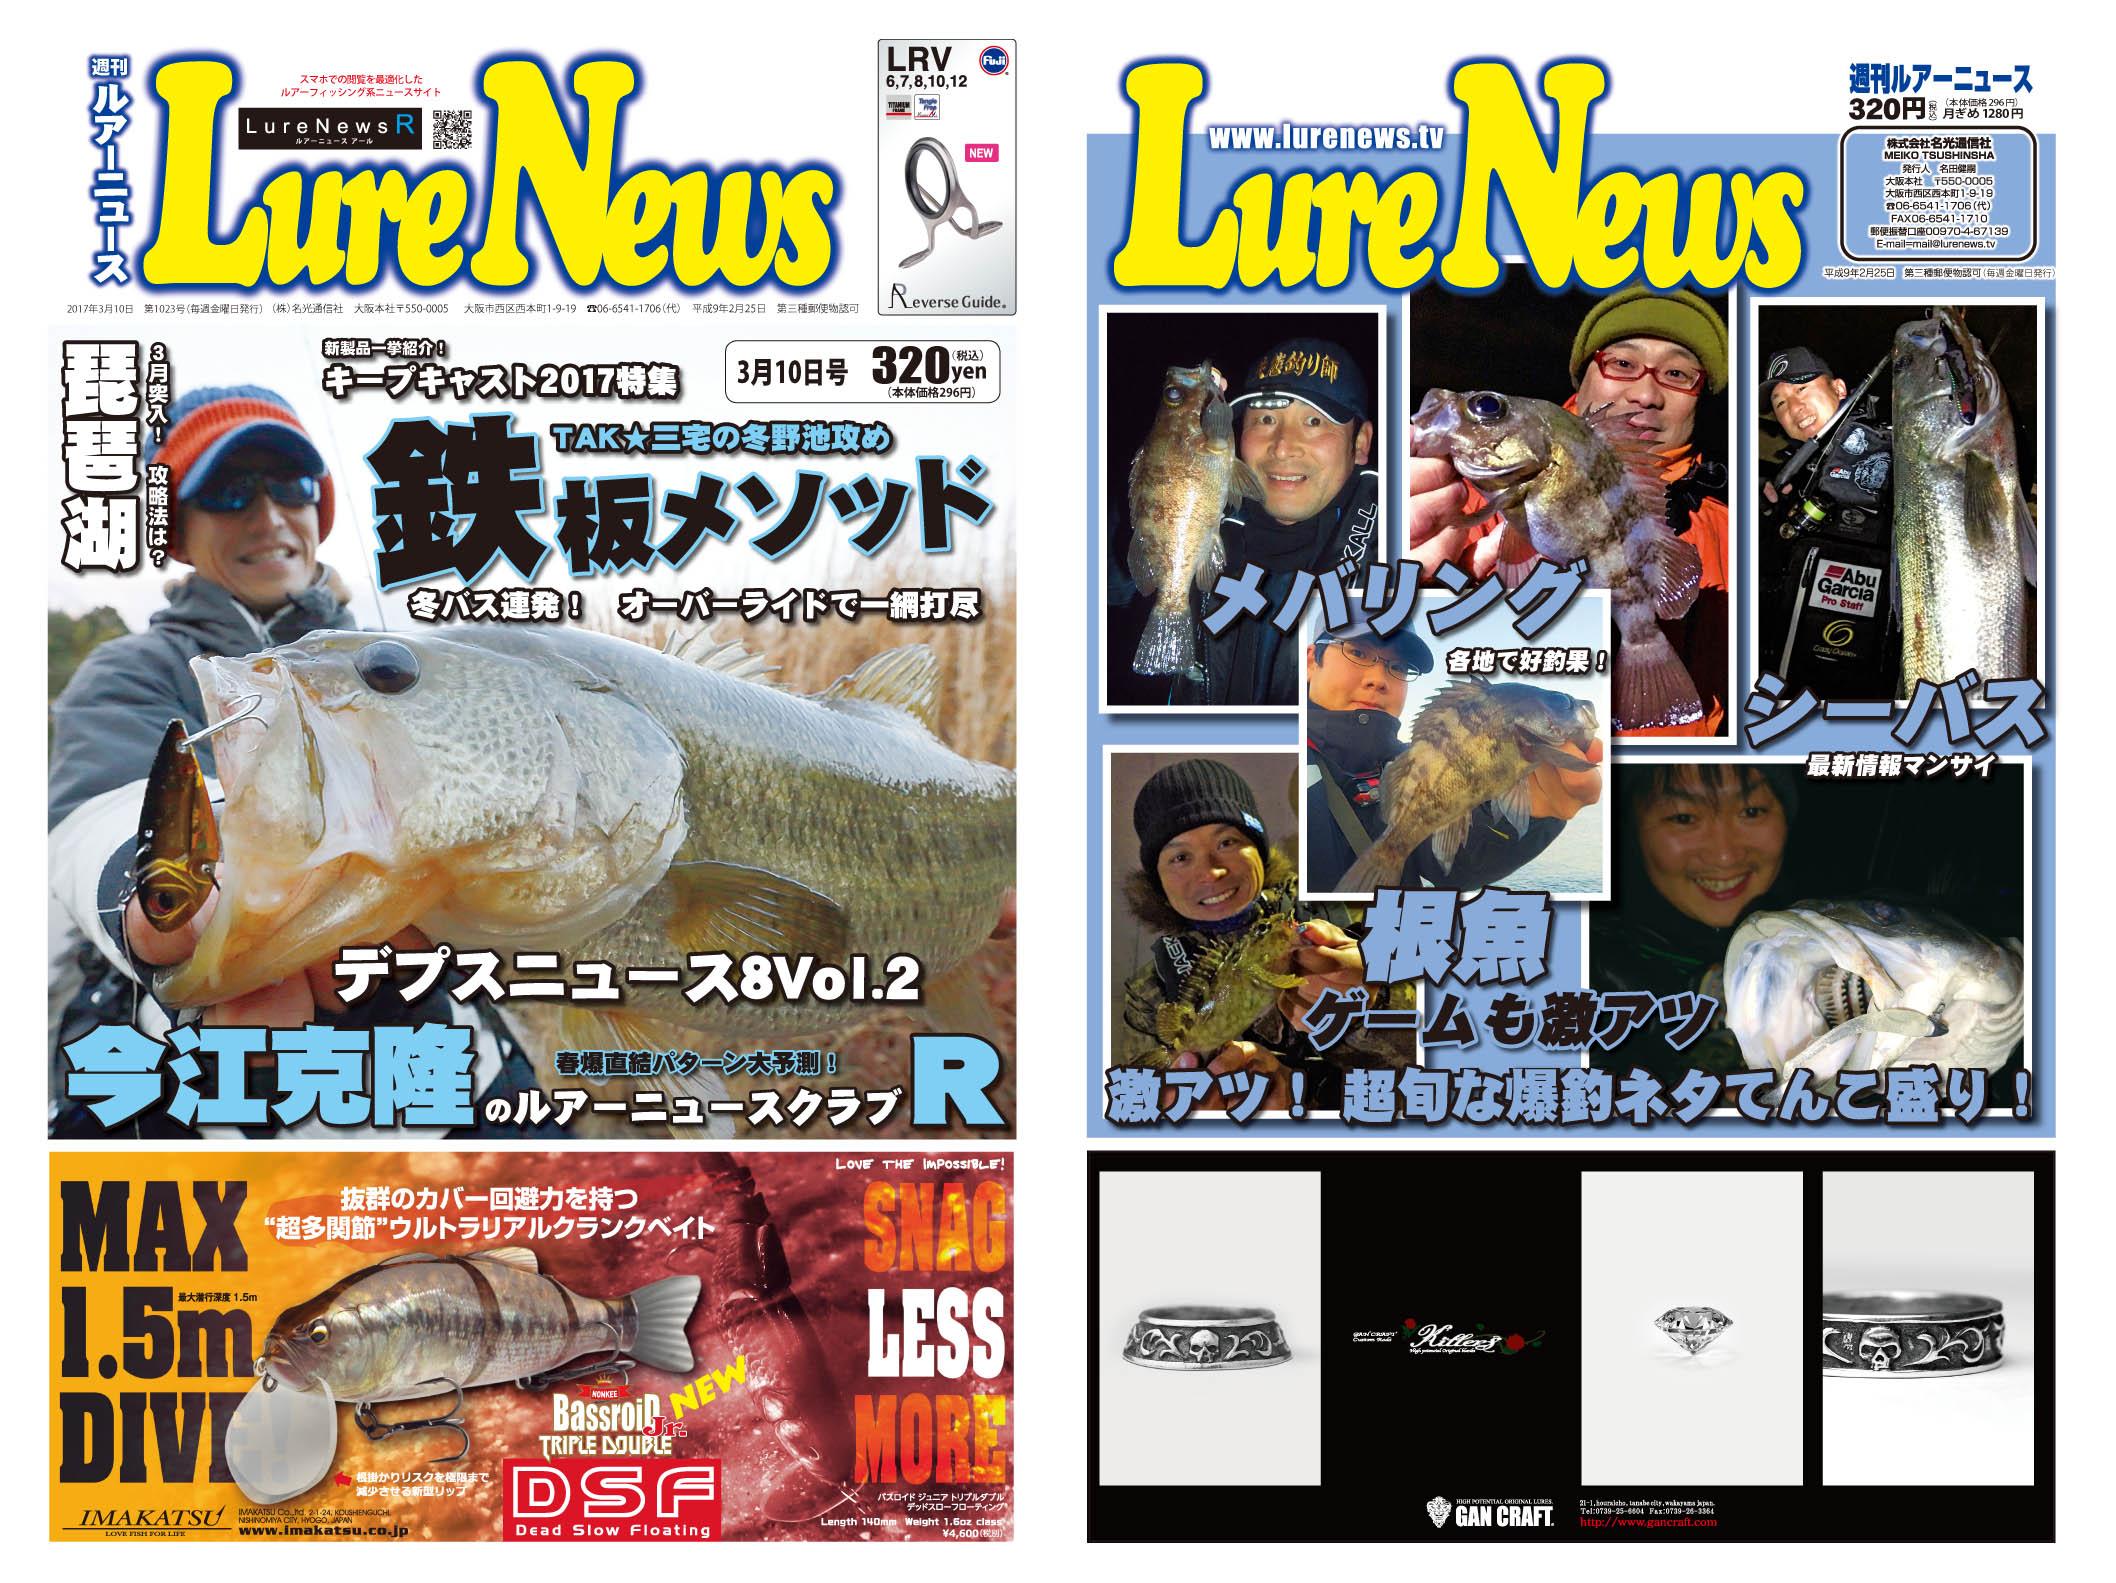 http://lurenews.tv/LureNews1023hyoushi.jpg